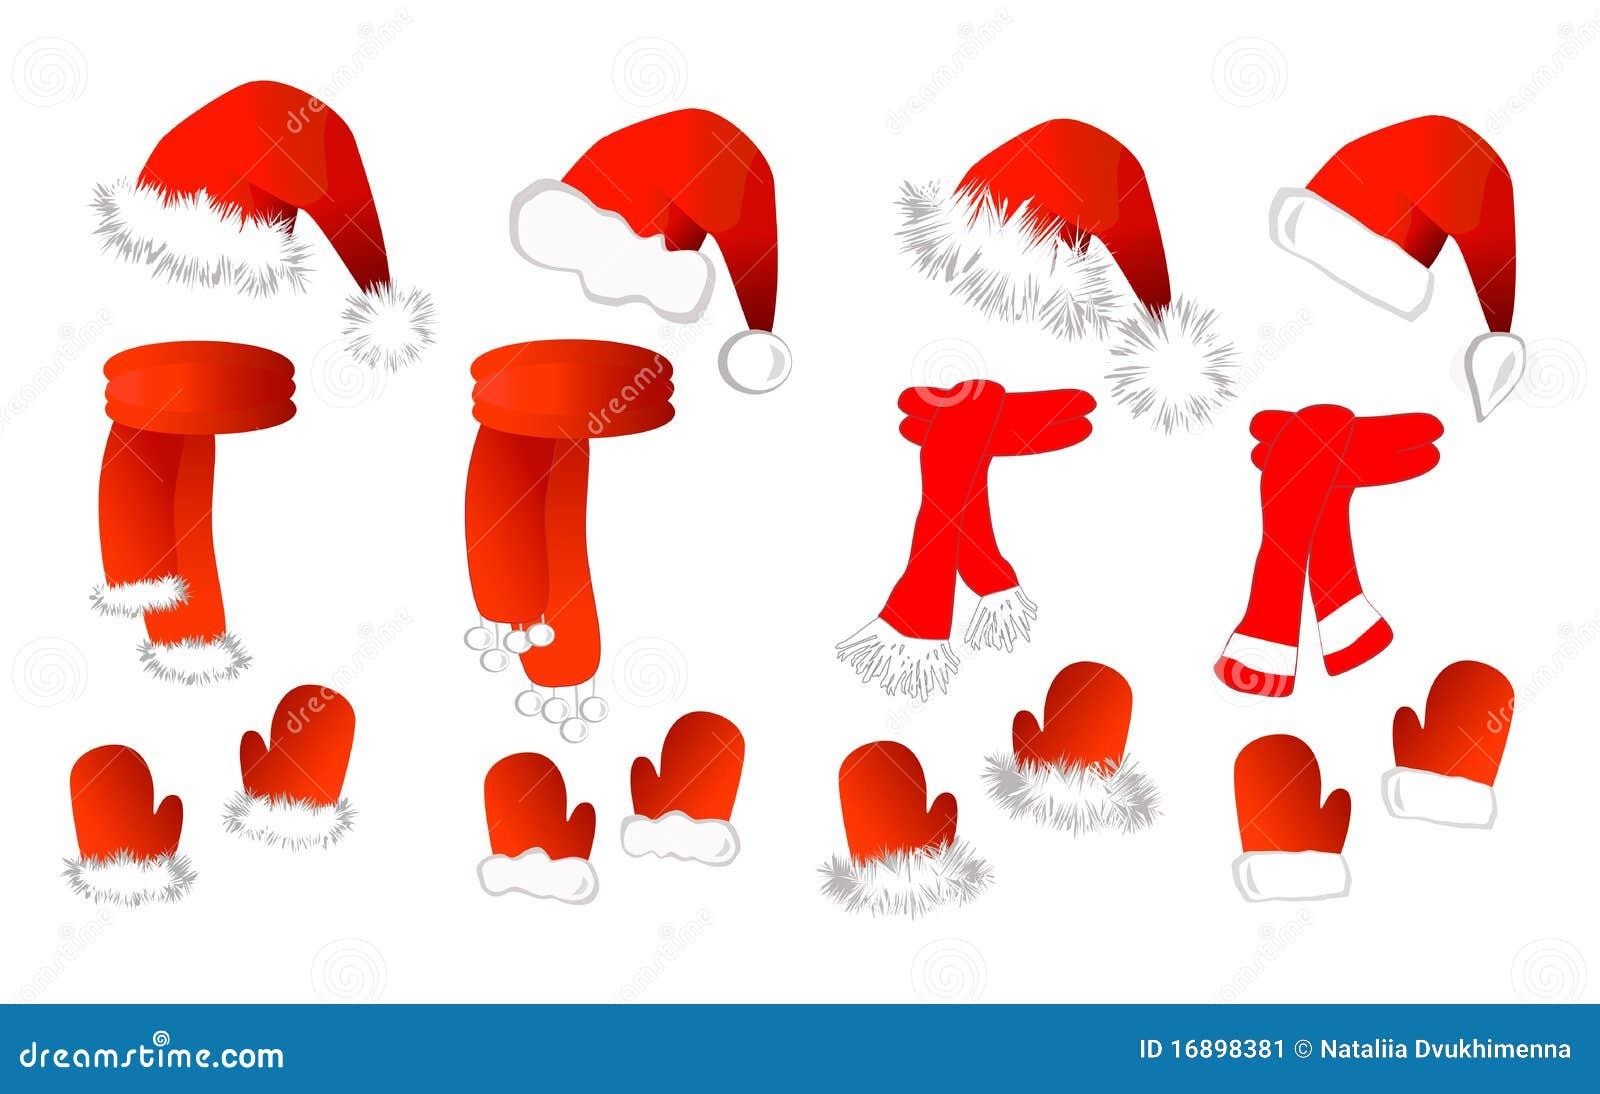 cristmas stellte ein weihnachtsmann hut schal und. Black Bedroom Furniture Sets. Home Design Ideas